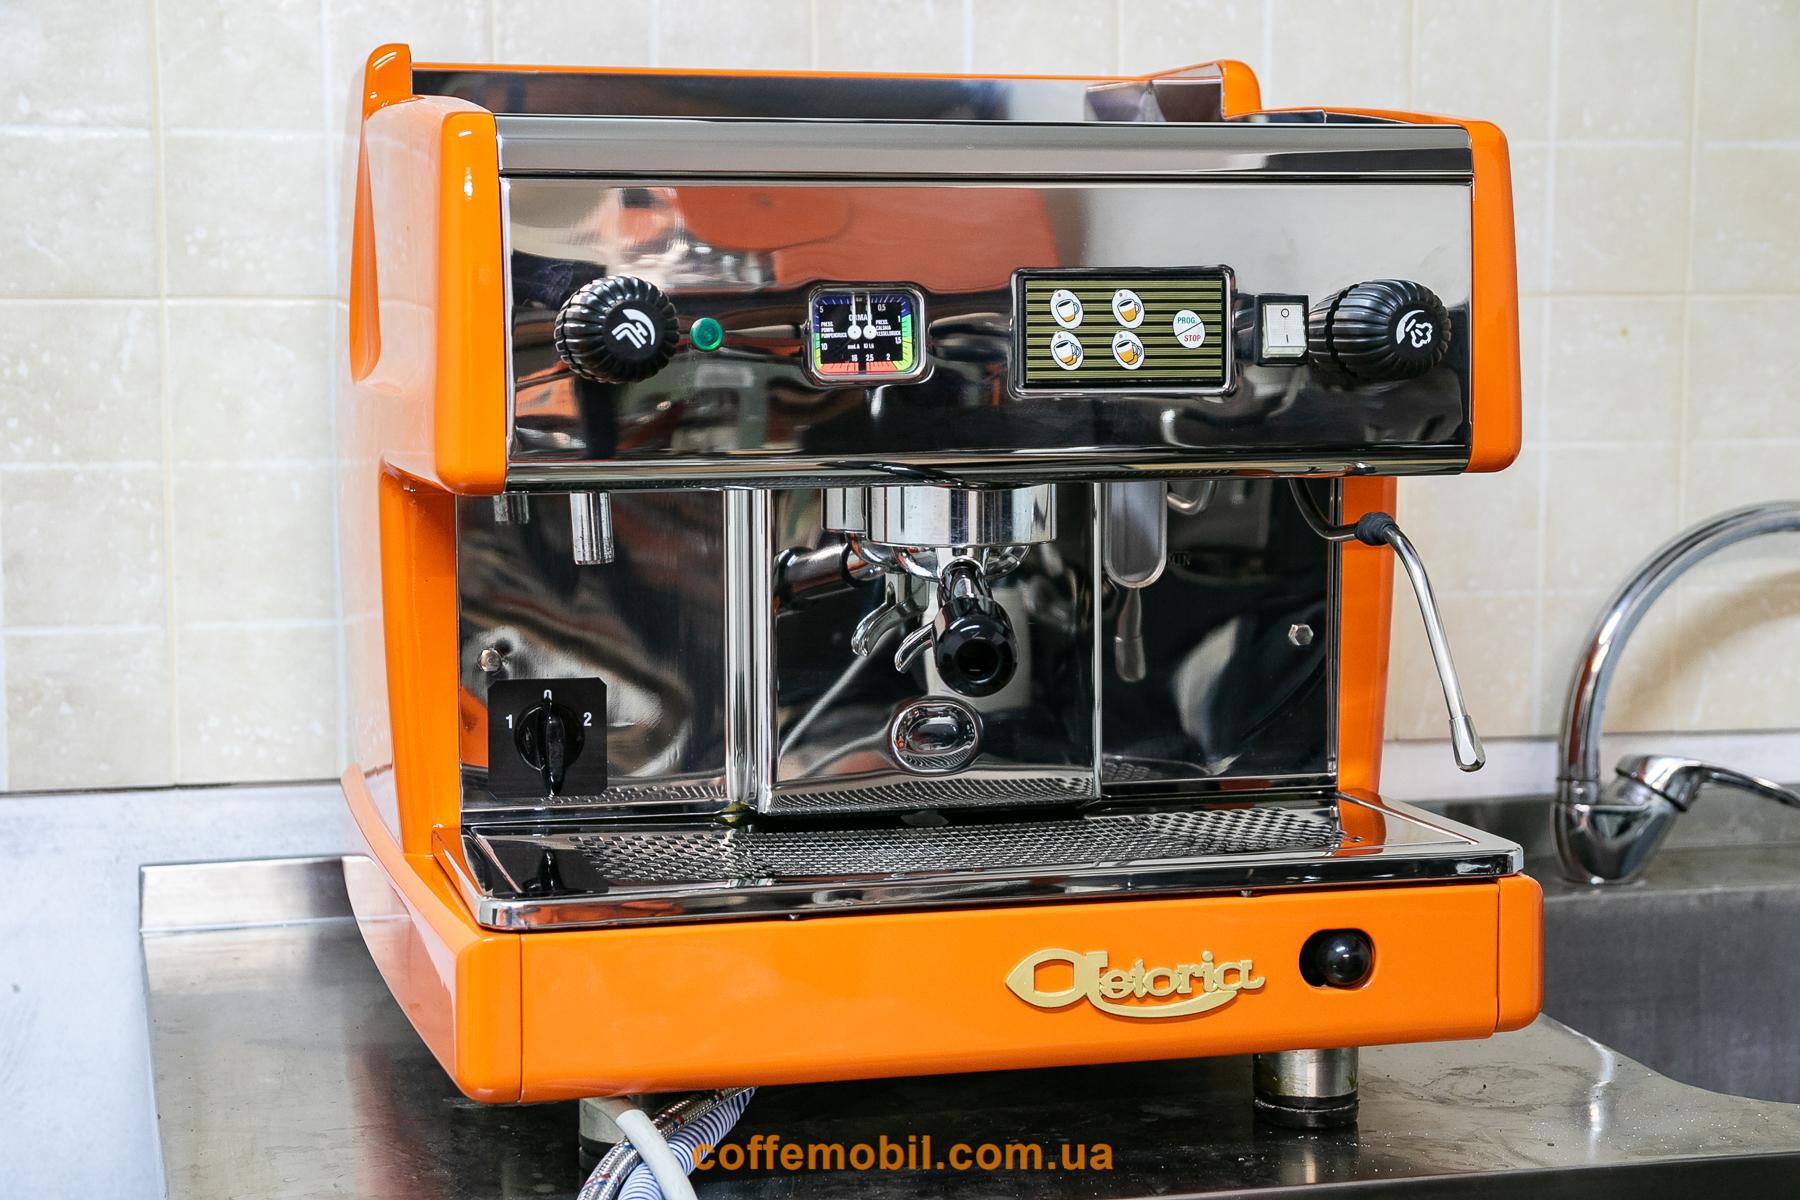 Профессиональная кофеварка Астория Ваня